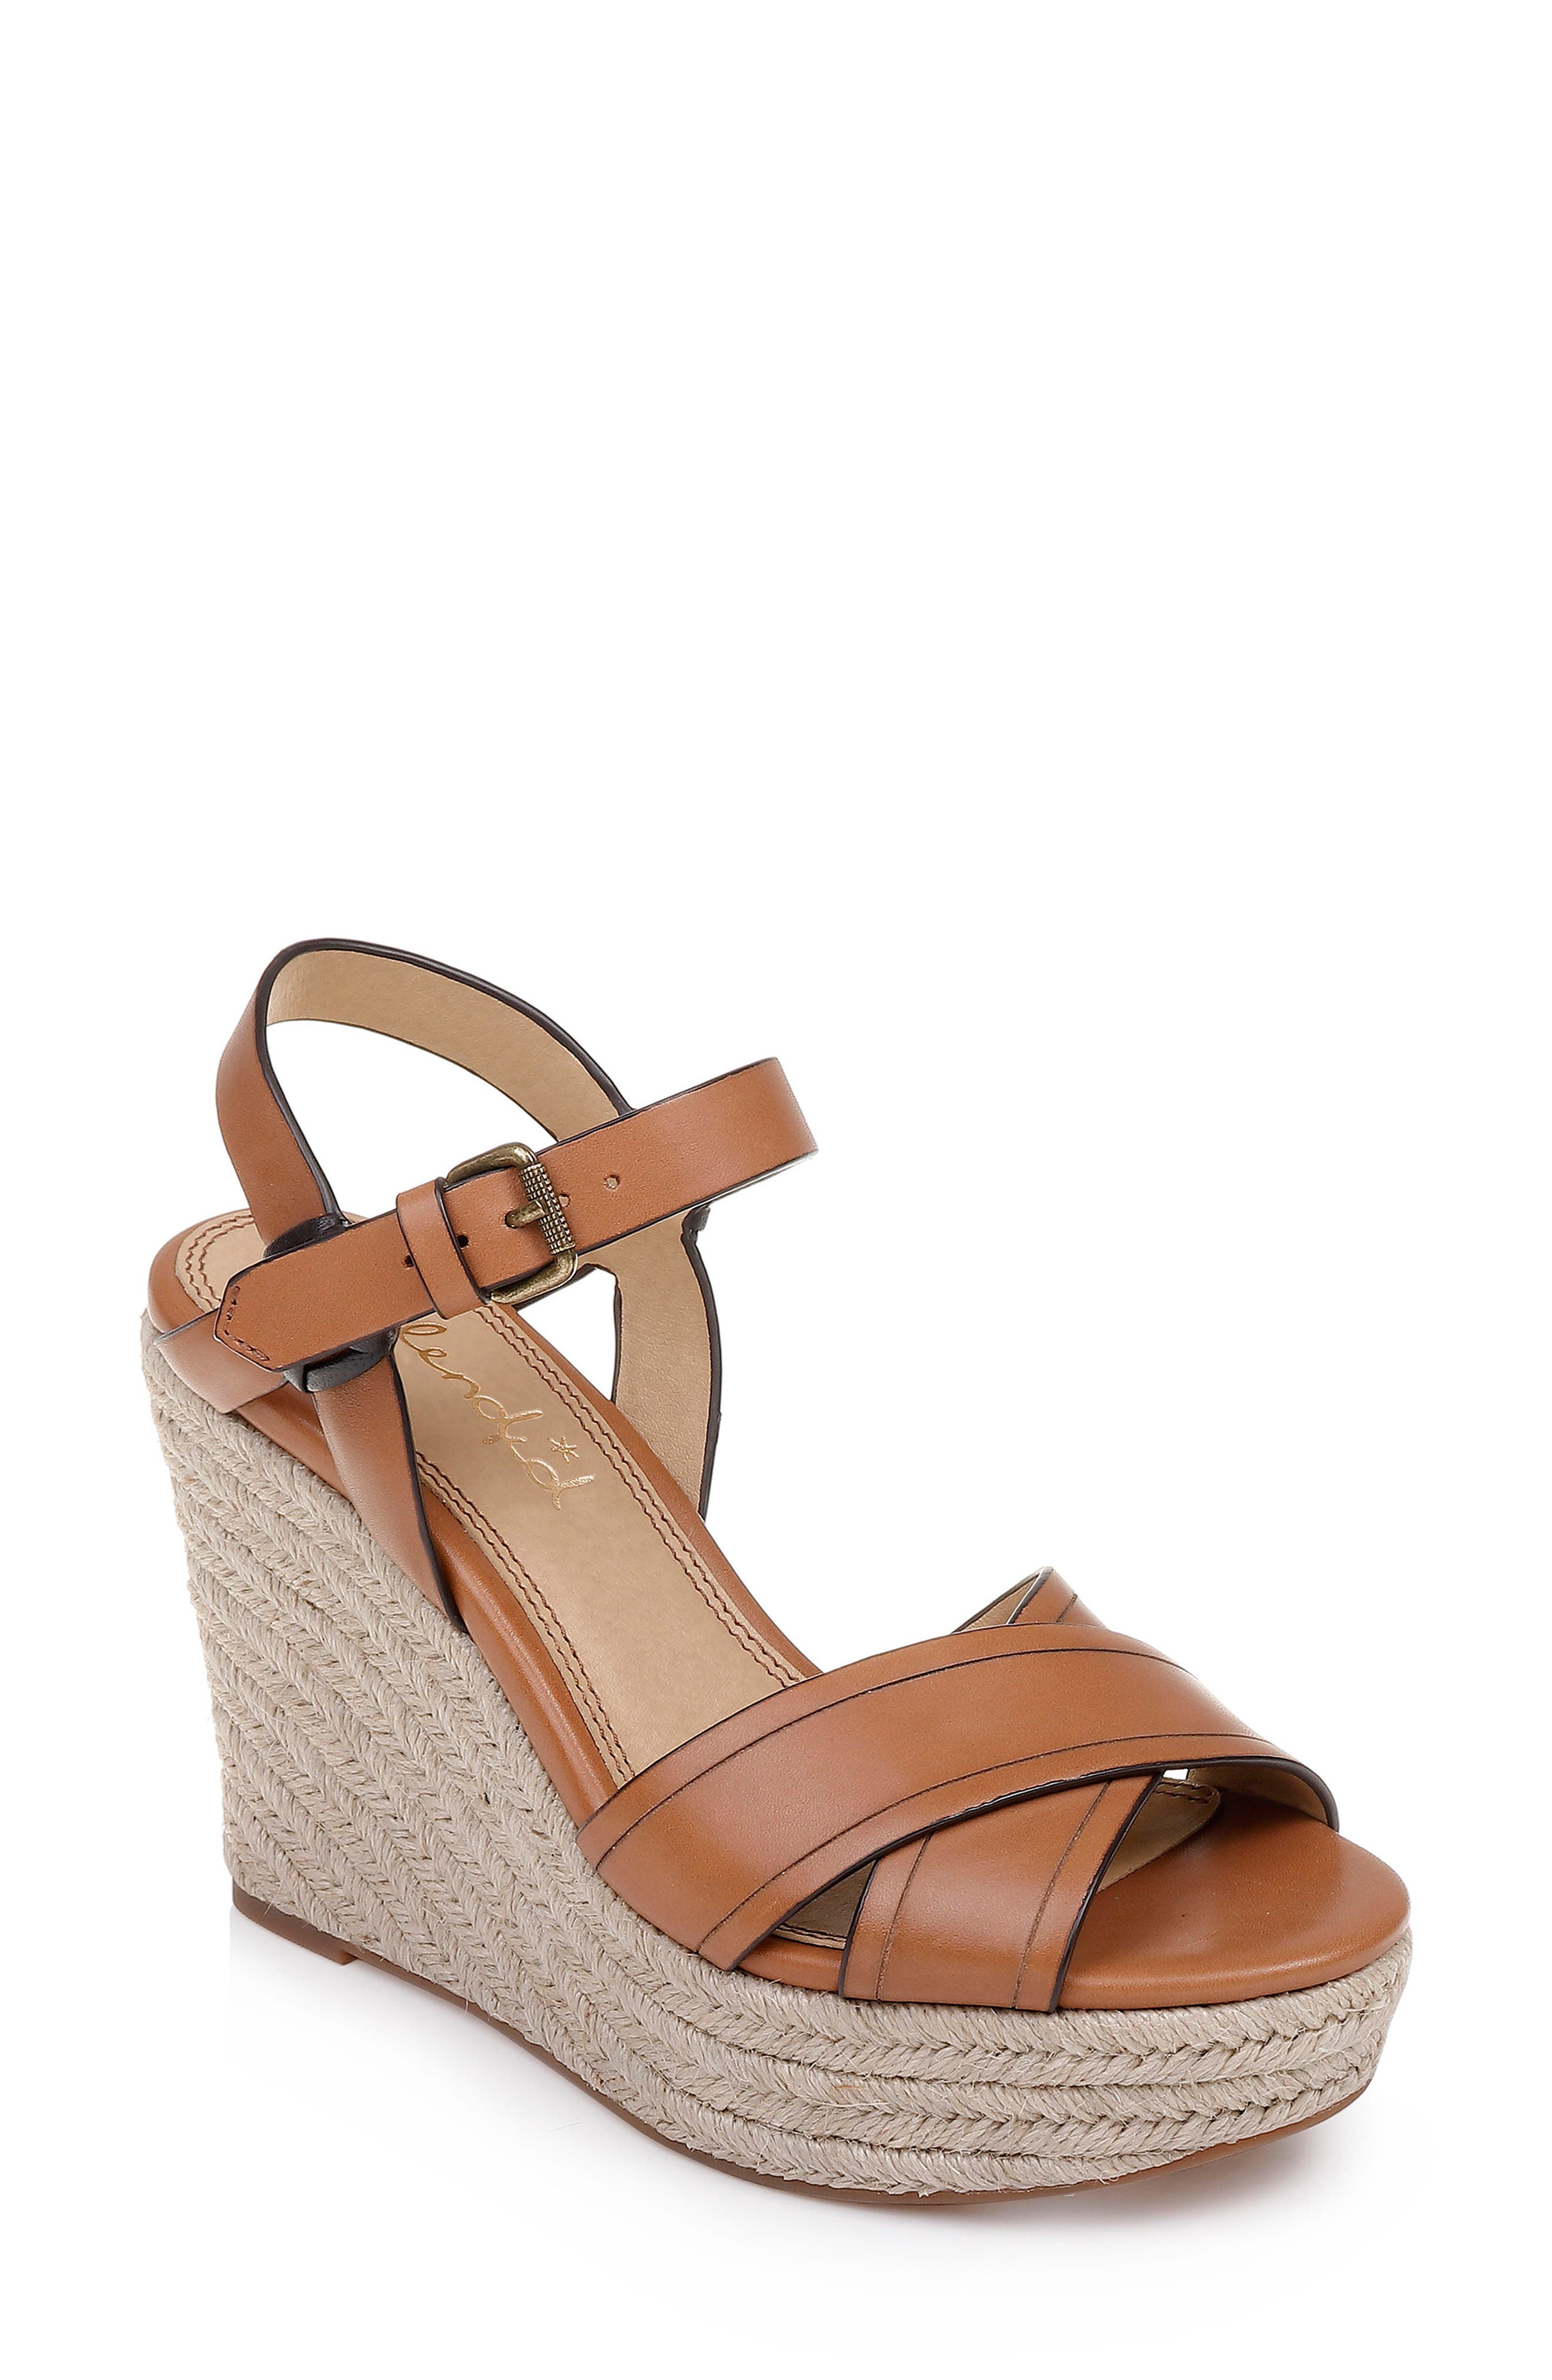 SPLENDID Taffeta Espadrille Wedge Sandal, Main, color, BRICK LEATHER